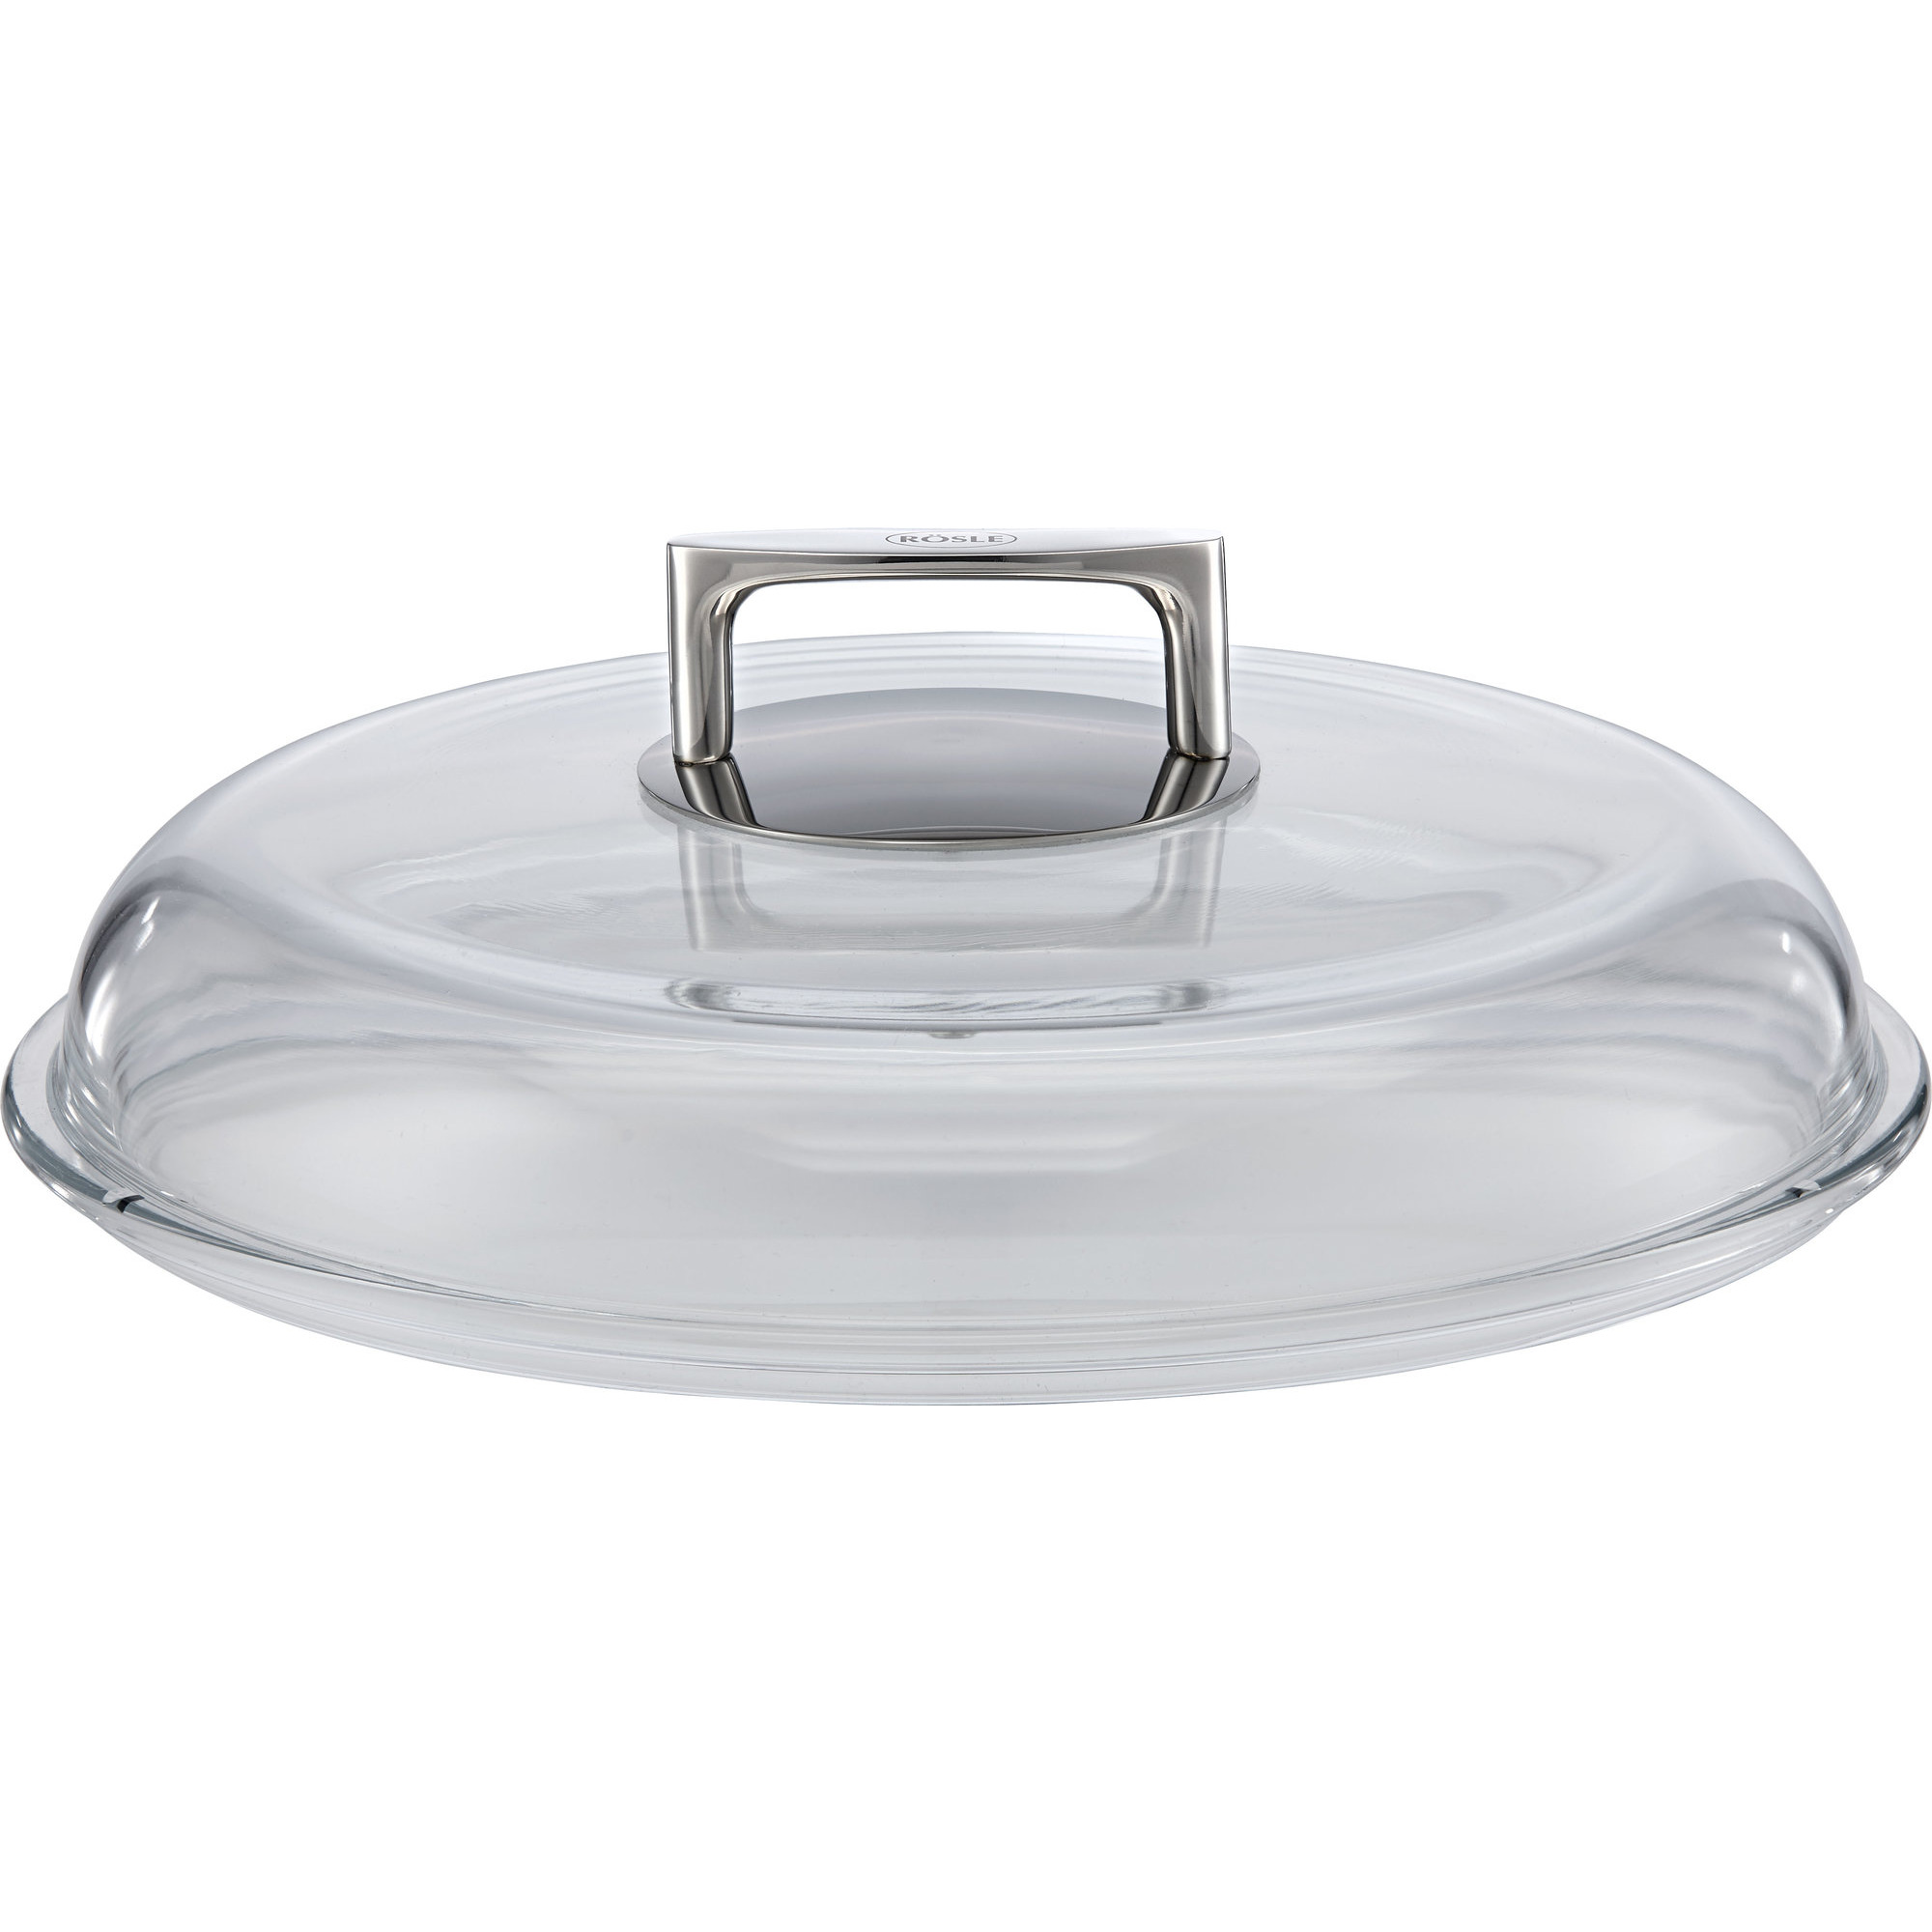 Rösle Borosilikat glaslock 28 cm.